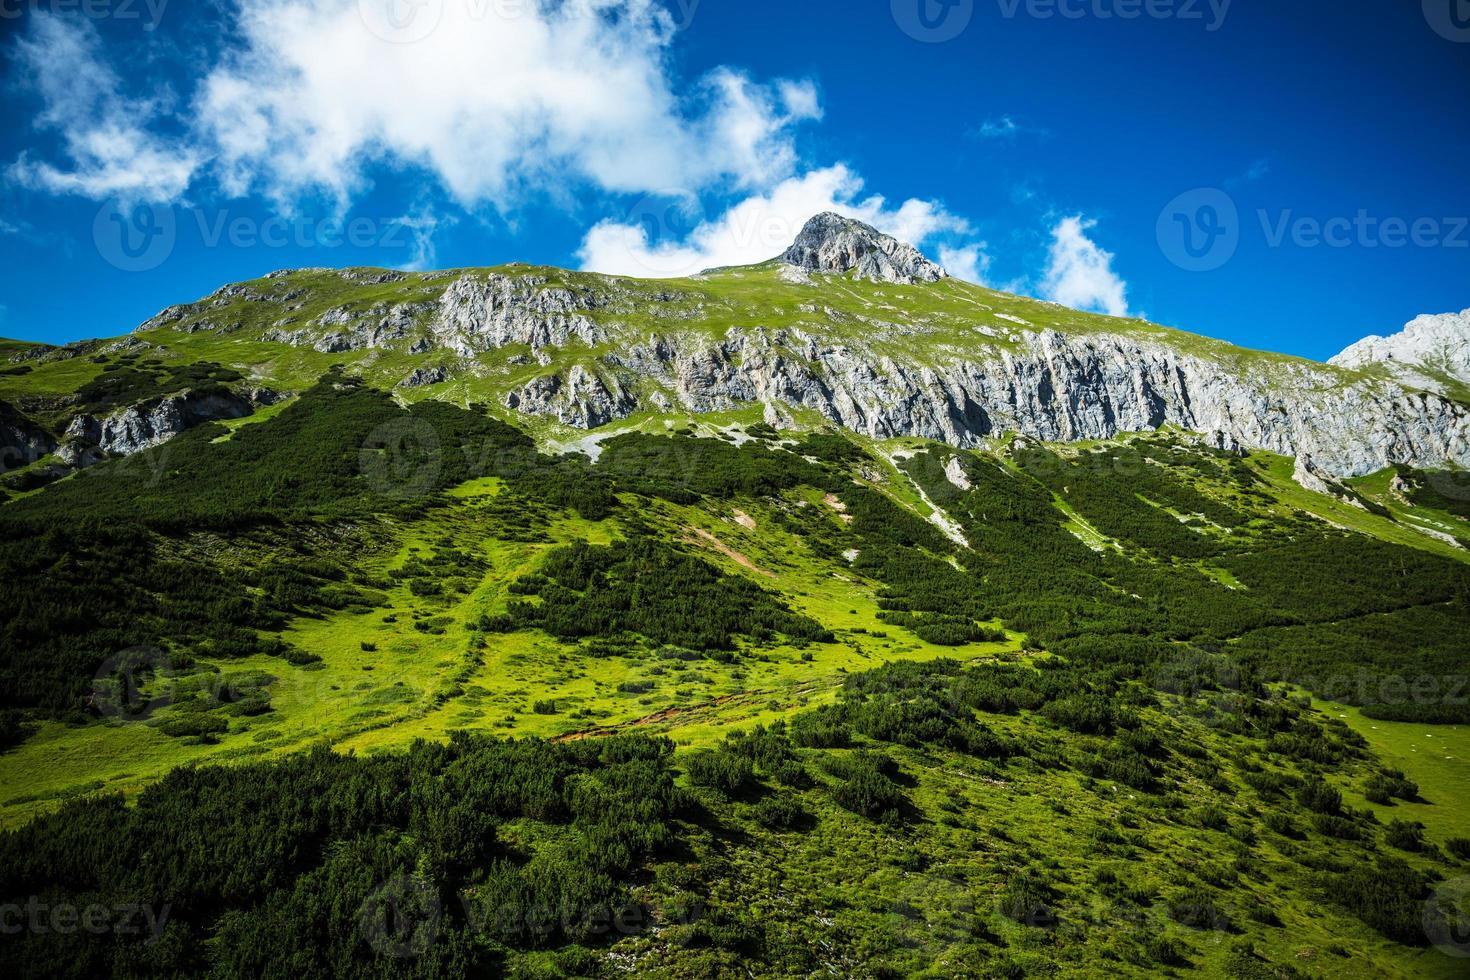 schöner grüner Berg foto